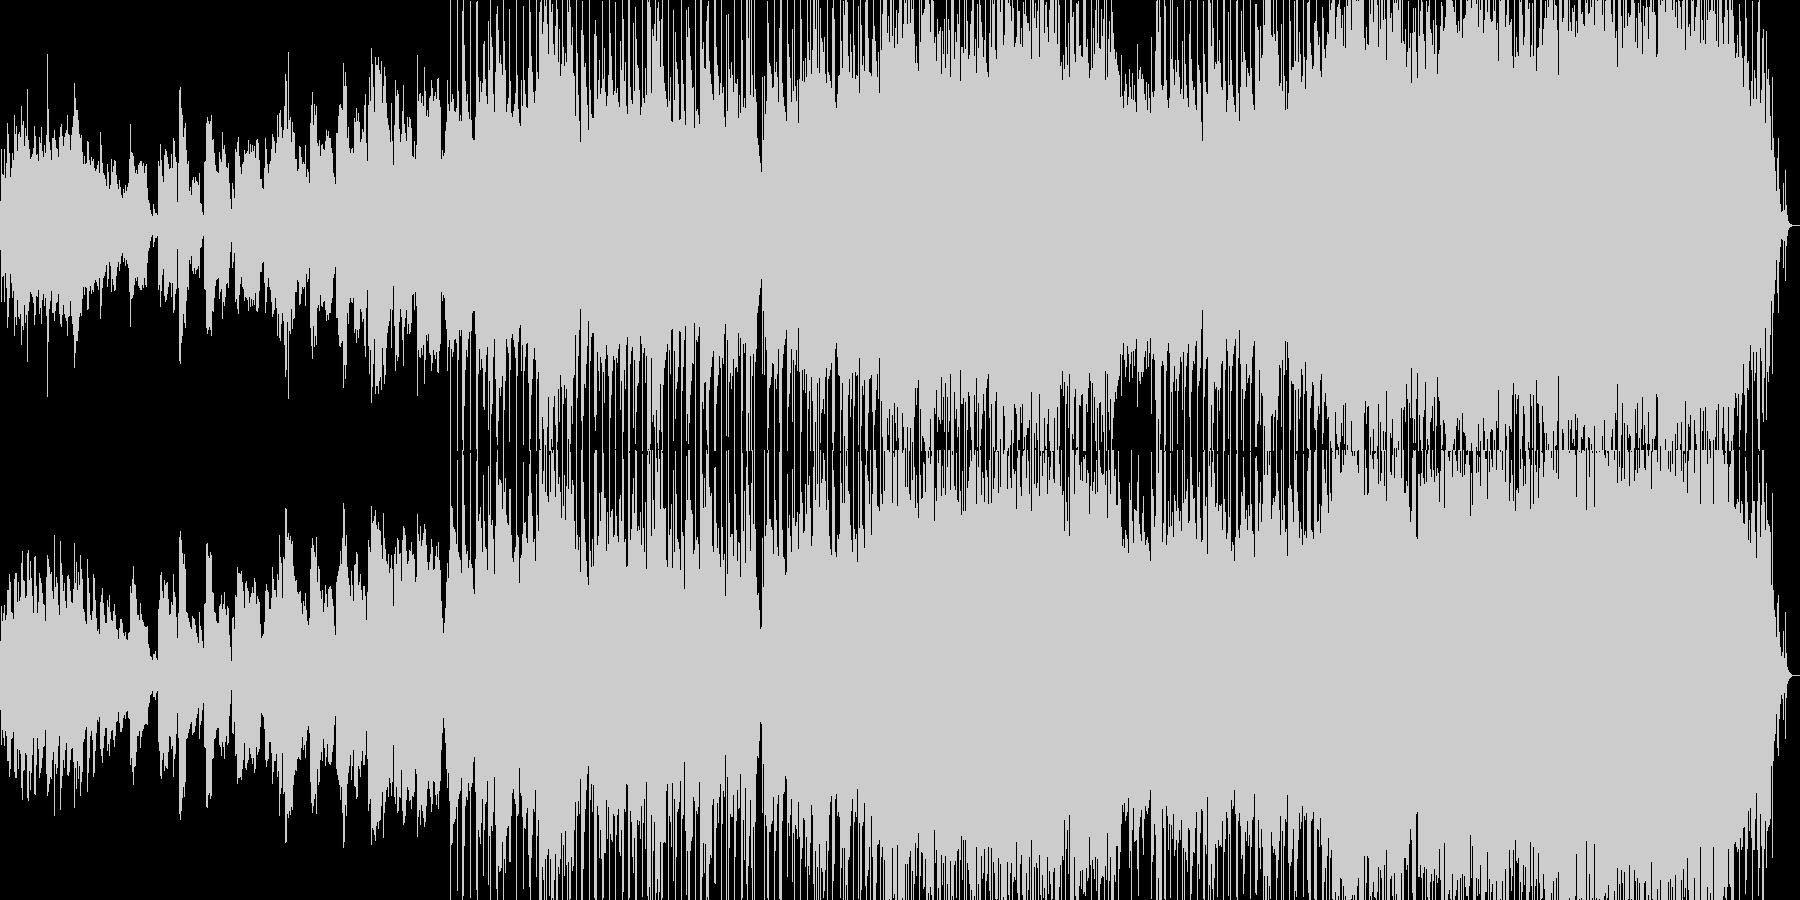 ハーモニカが印象的な希望的なバラードの未再生の波形